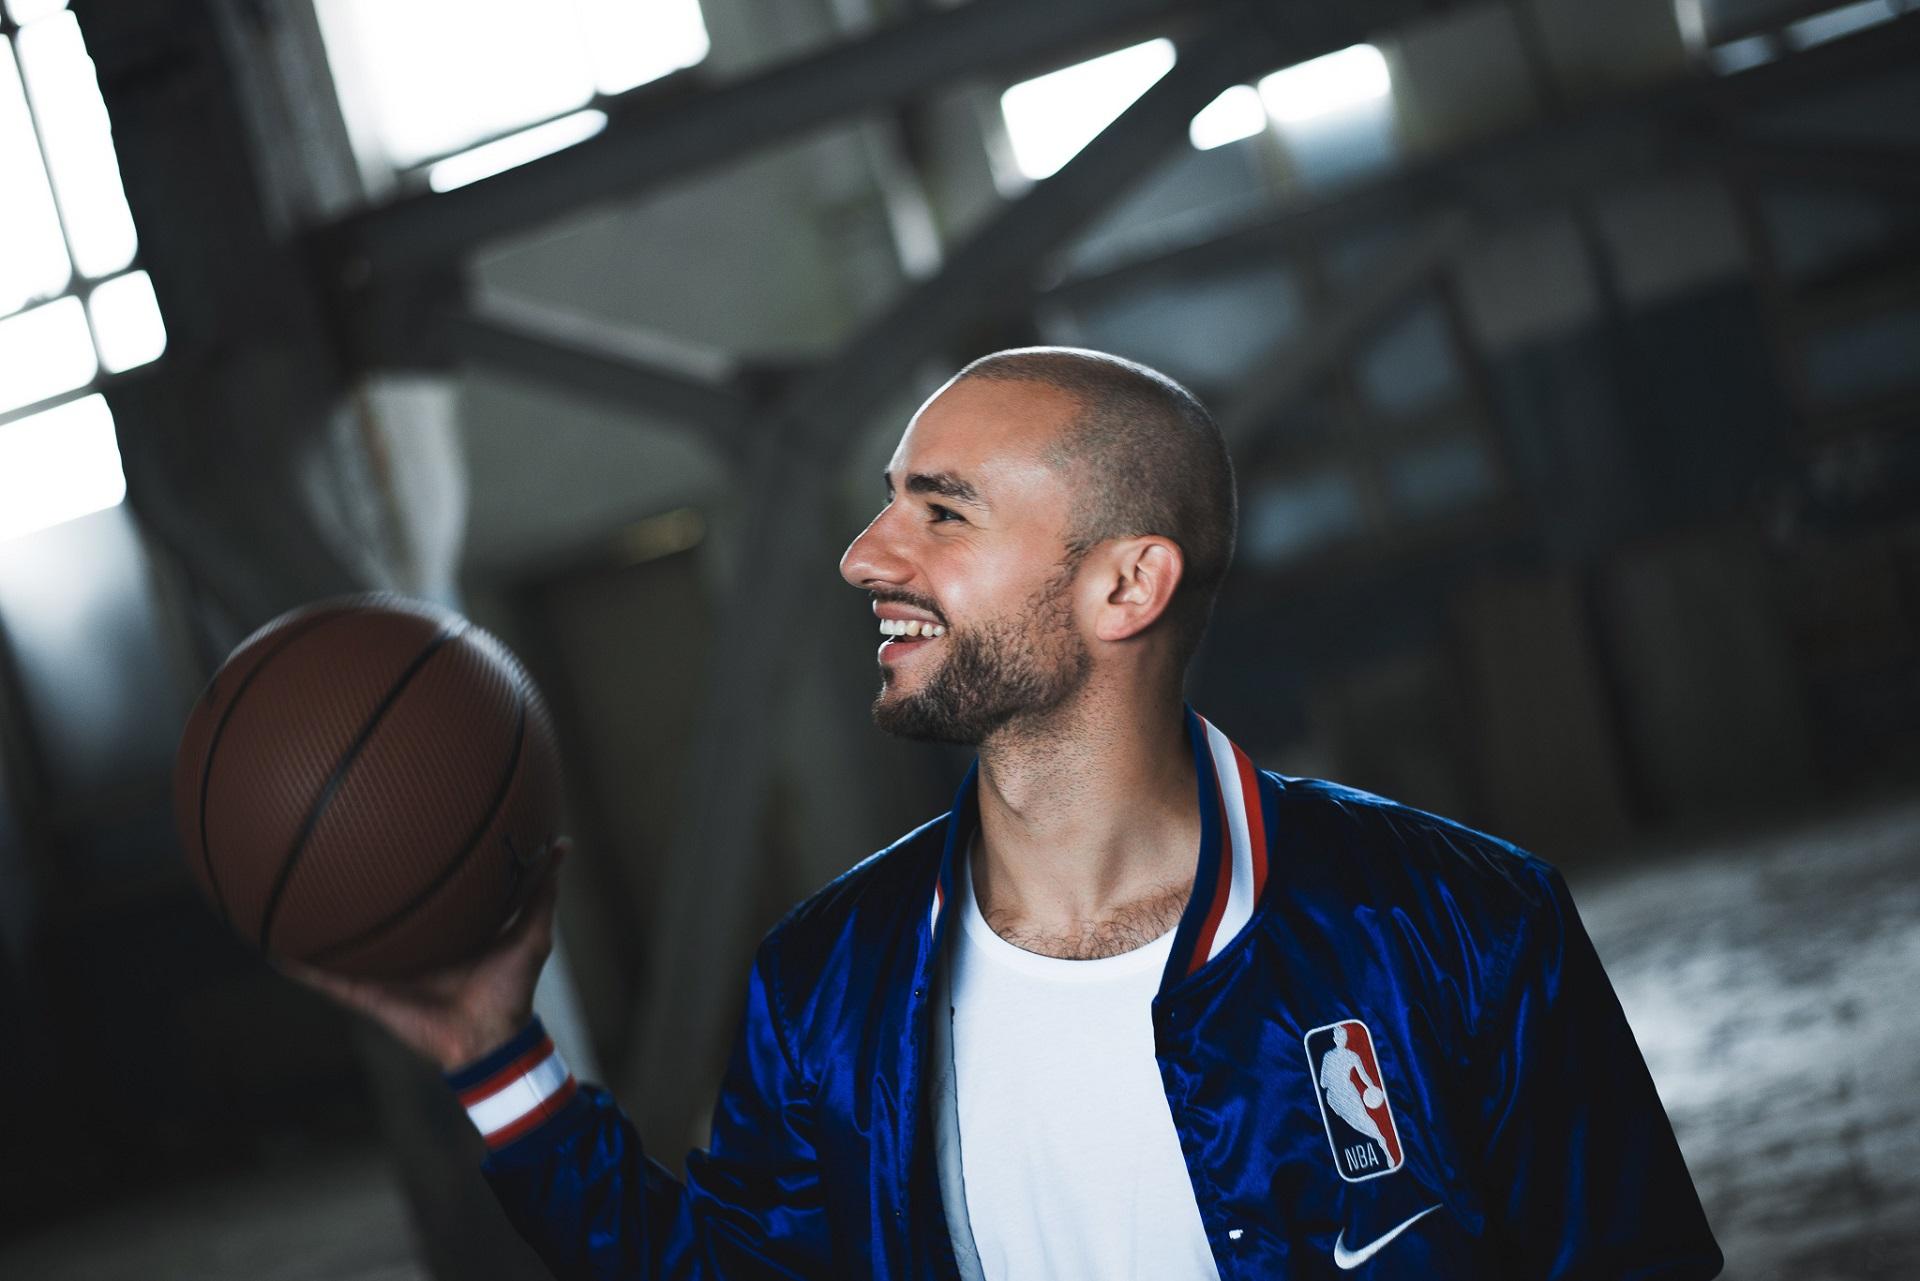 """Ne mažą reikšmę sporto ir laisvalaikio stiliumi gyvuojančiai """"Sil"""" kompanijai turi krepšinis, kuriuo Lukas domėjosi nuo pat mažų dienų. / Asmeninio archyvo nuotr."""